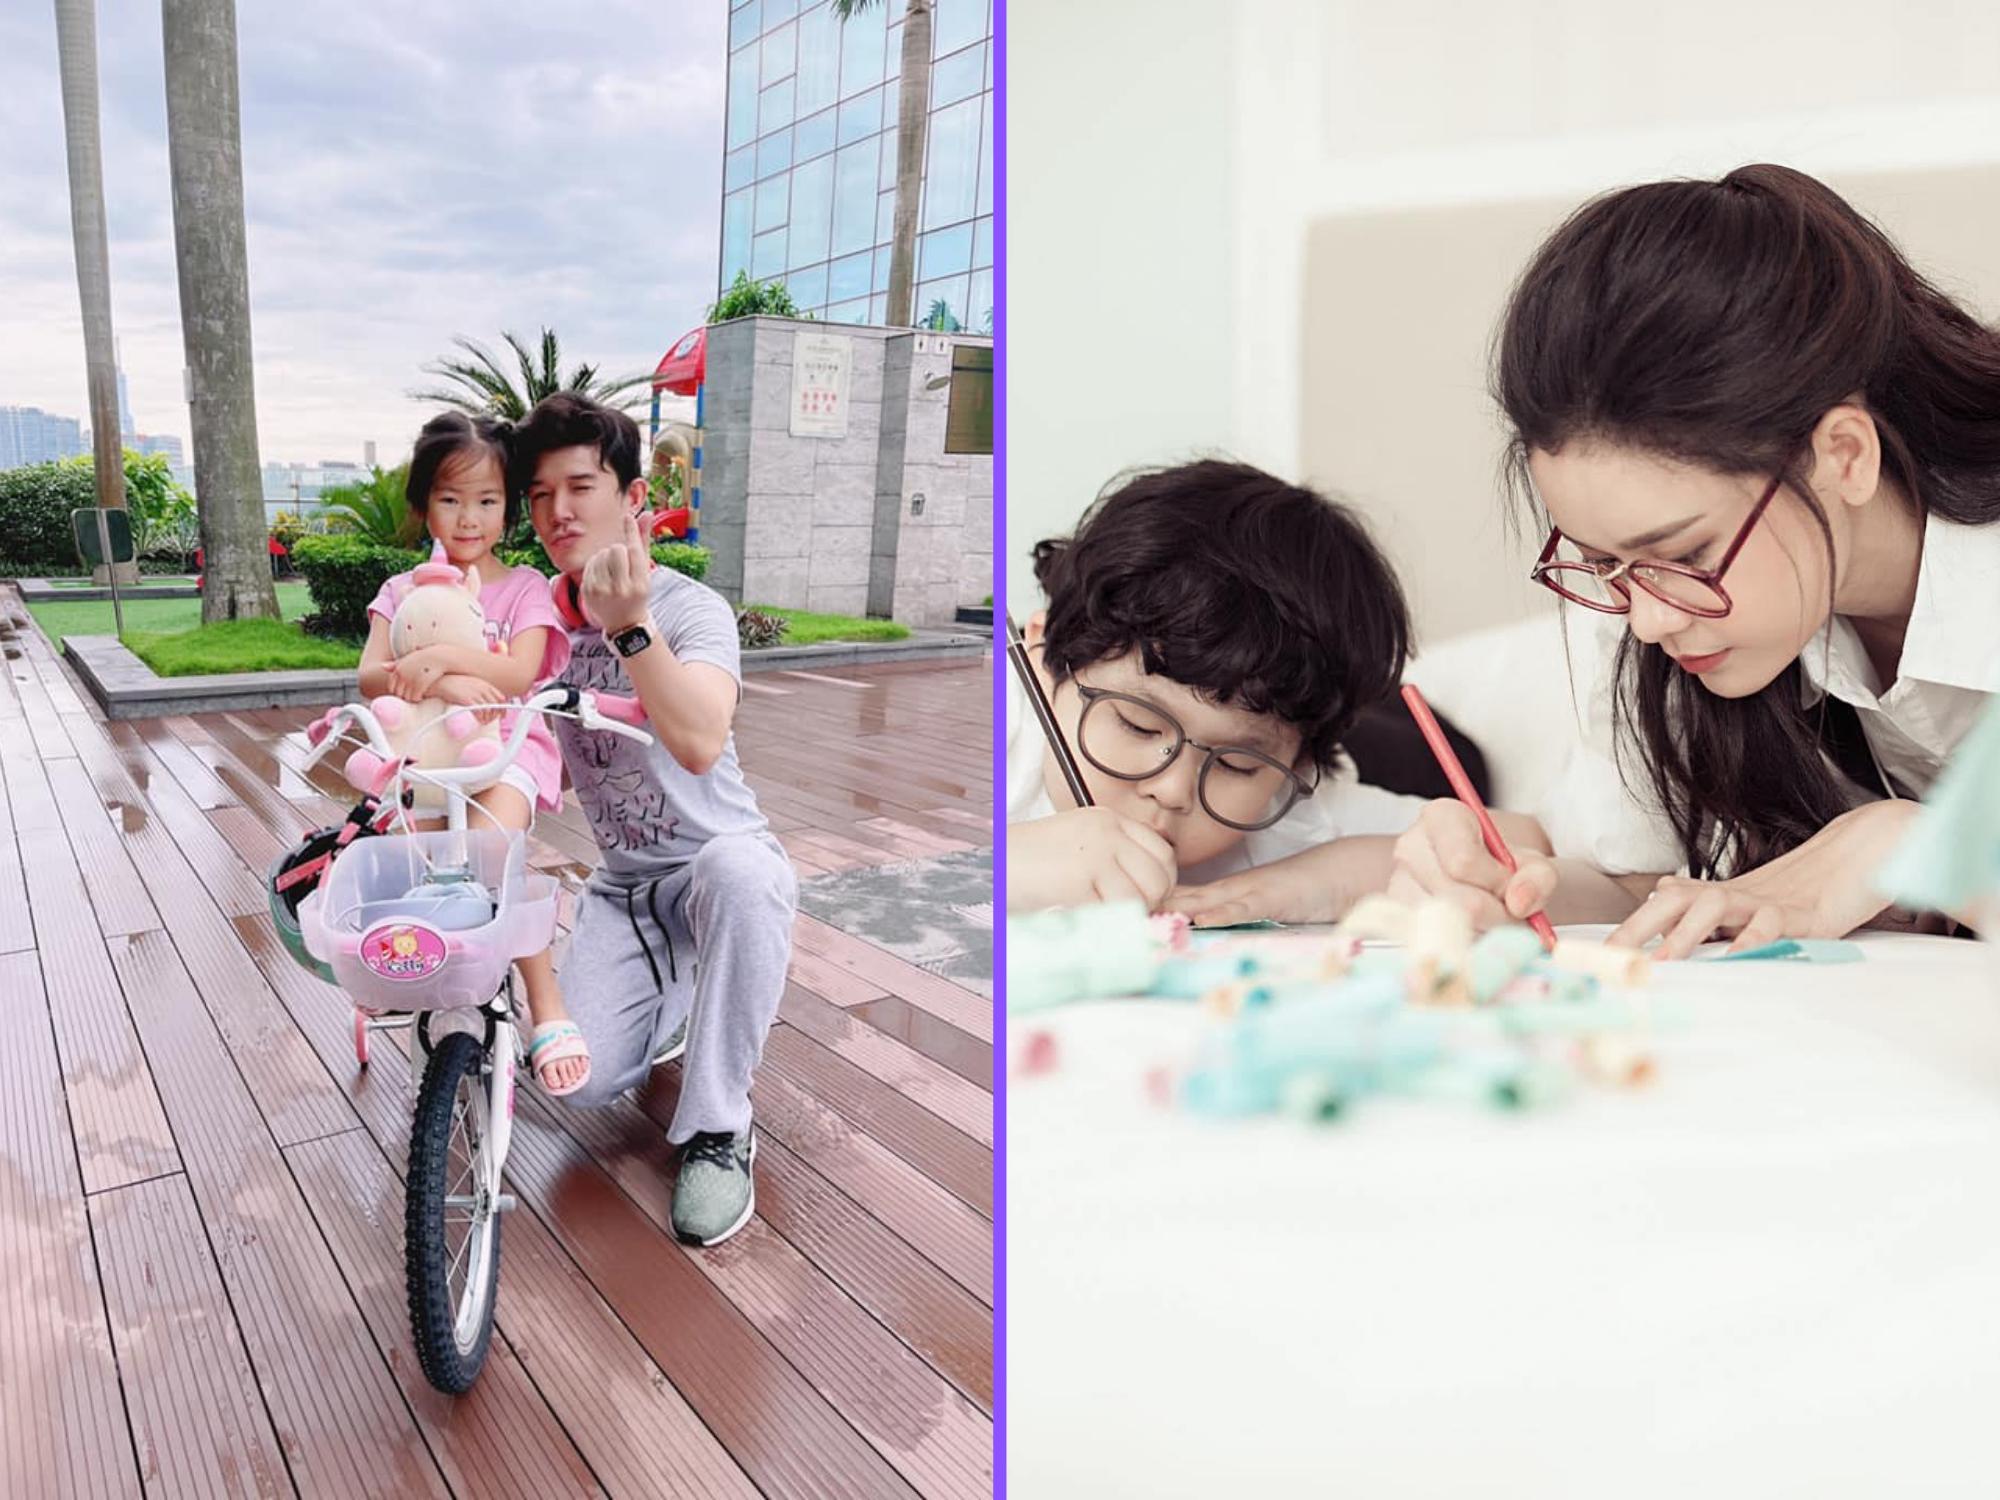 Sao Việt 24h: Trương Quỳnh Anh miệt mài vẽ cùng con trai, Lê Phương khoe bữa cơm điểm 10 cả nhà cùng nấu